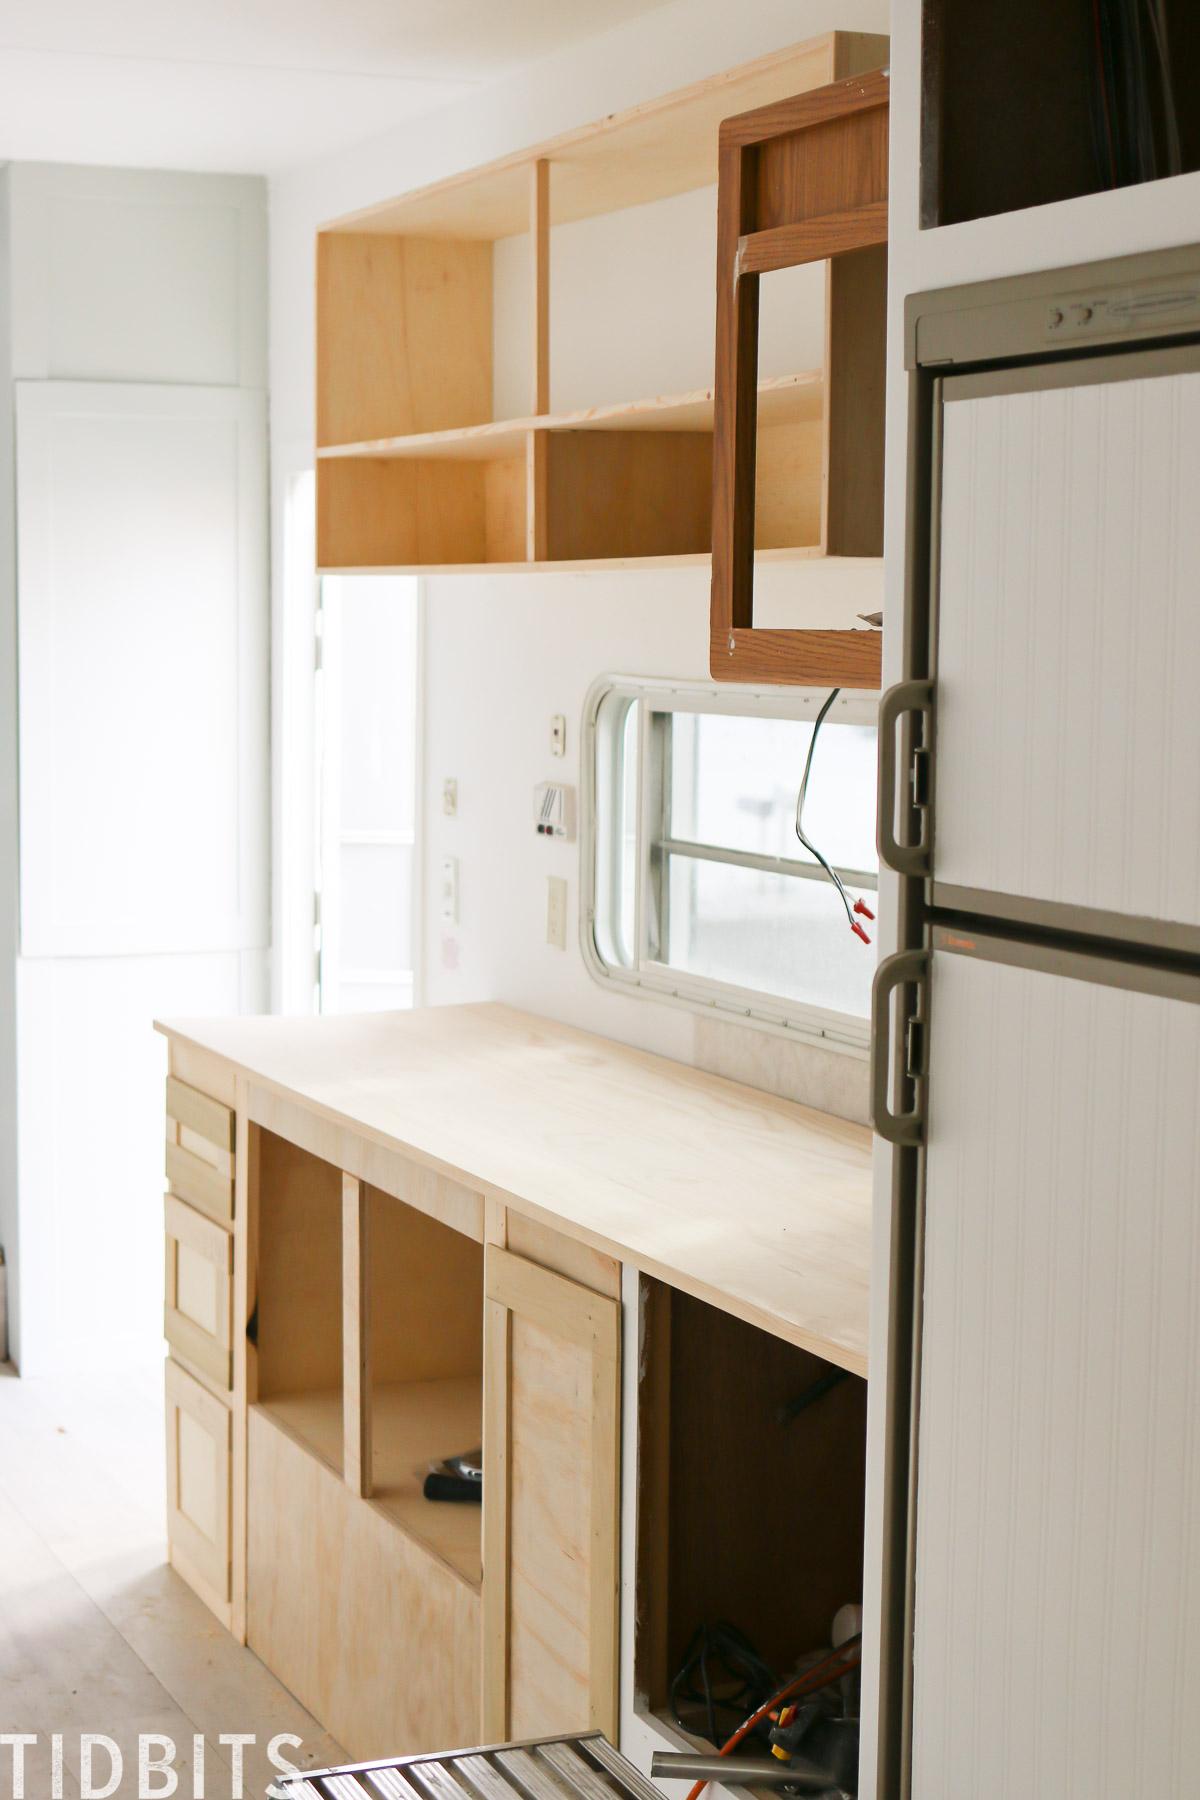 New RV kitchen cabinets